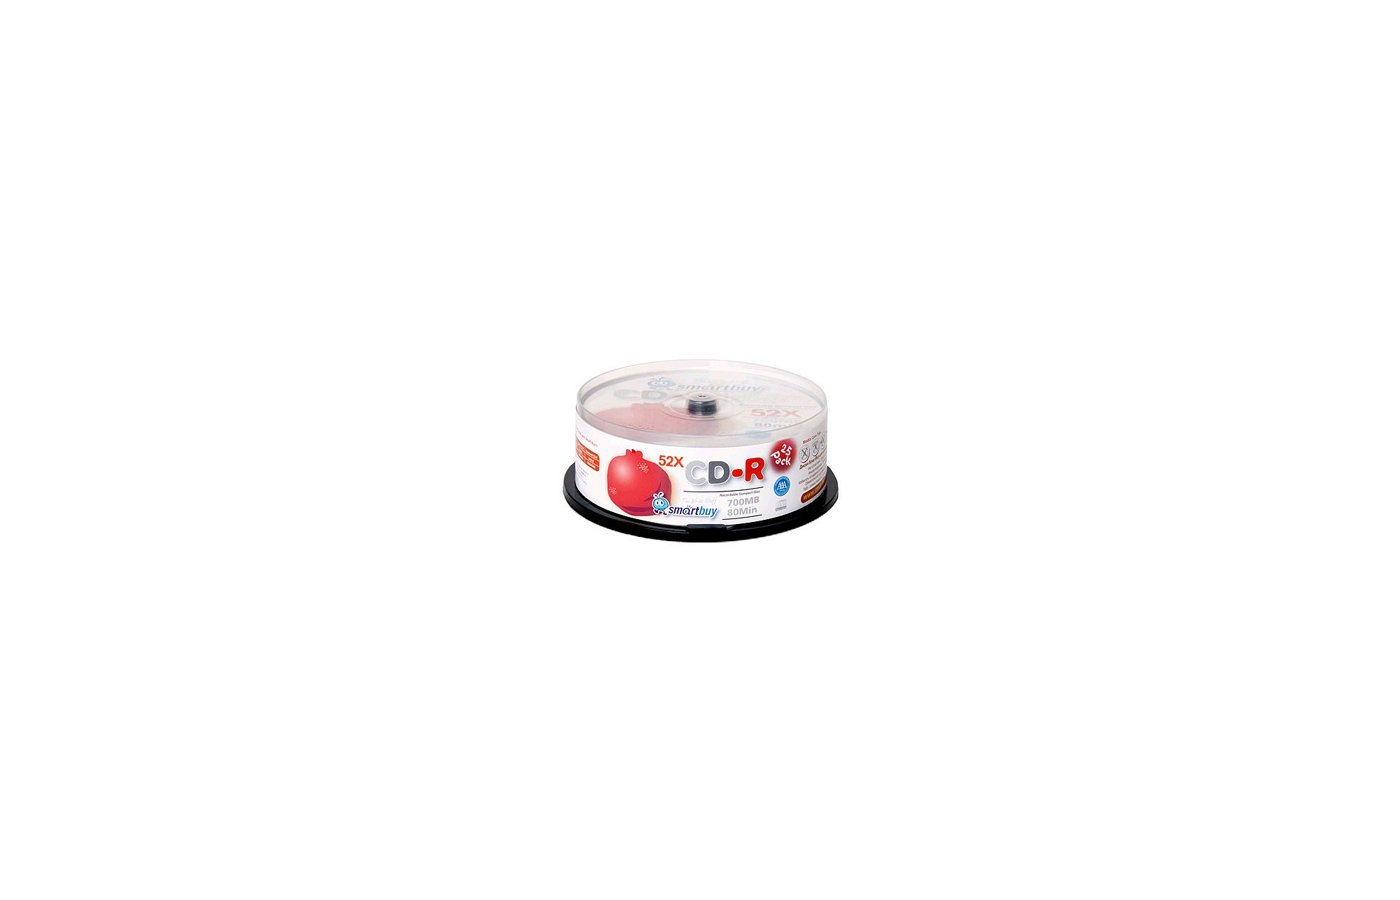 CD-диск Диск CD-R SMART BAY 700Мb 80мин 52x Fresh-Lemon Slim (за 1 диск)